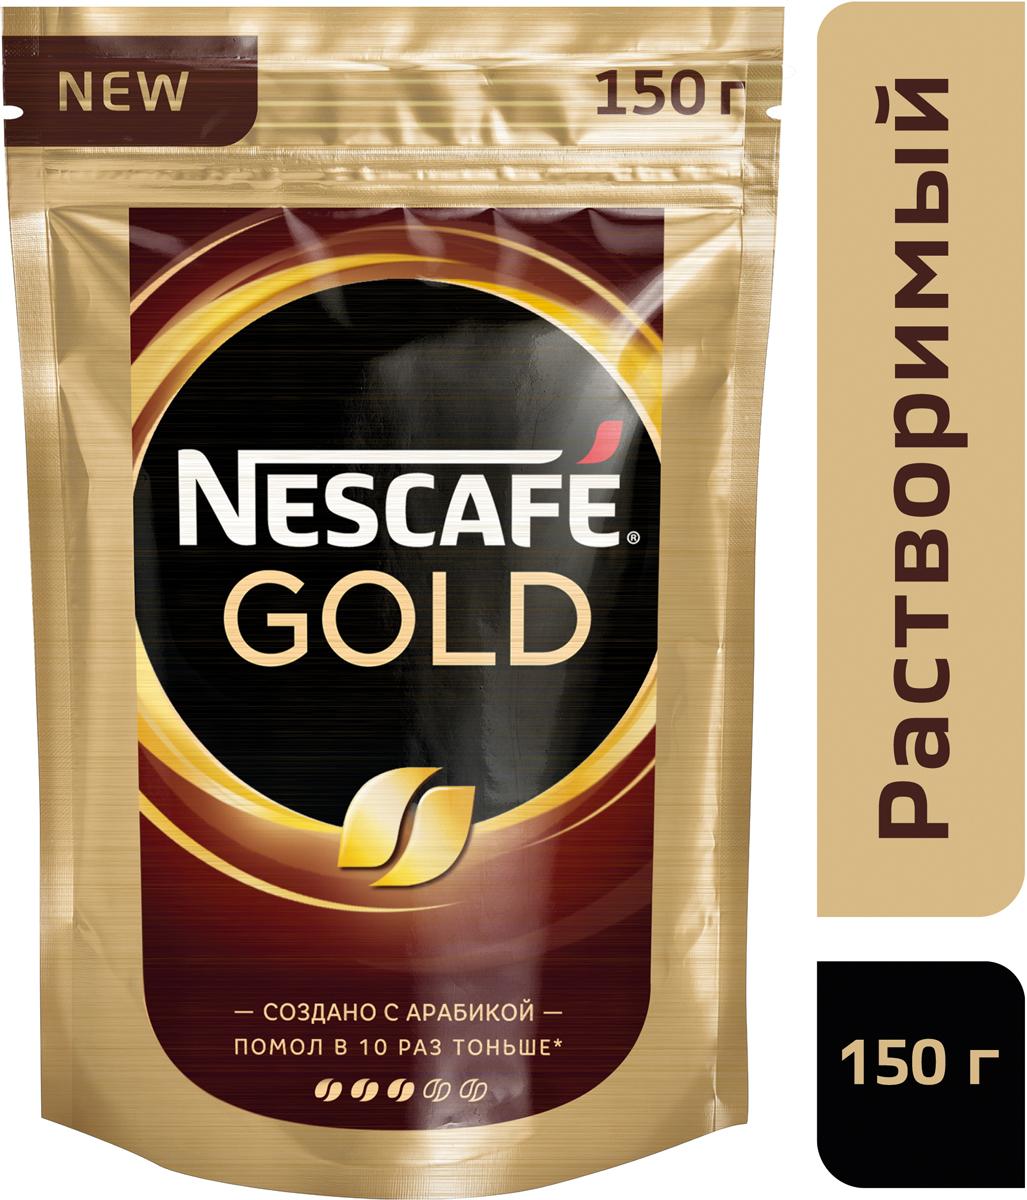 Nescafe Gold Кофе растворимый сублимированный с добавлением натурального жареного молотого кофе, 150 г nescafe gold 100